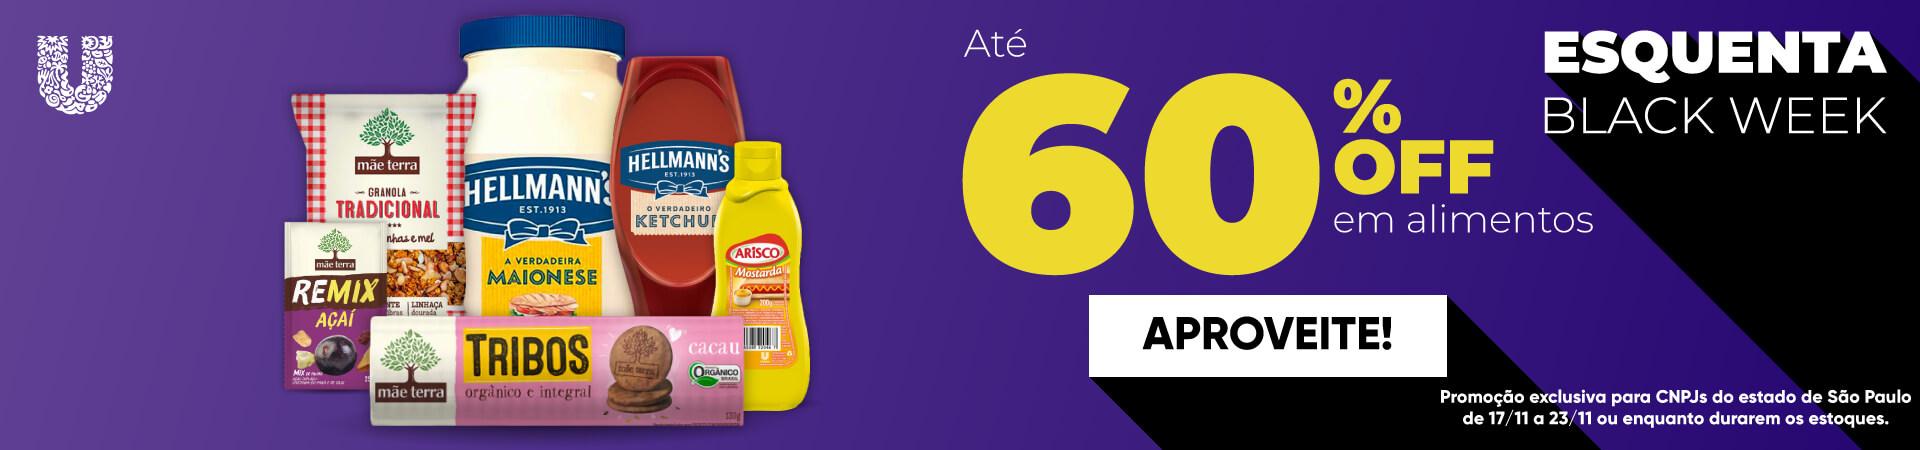 Unilever até 60% em alimentos